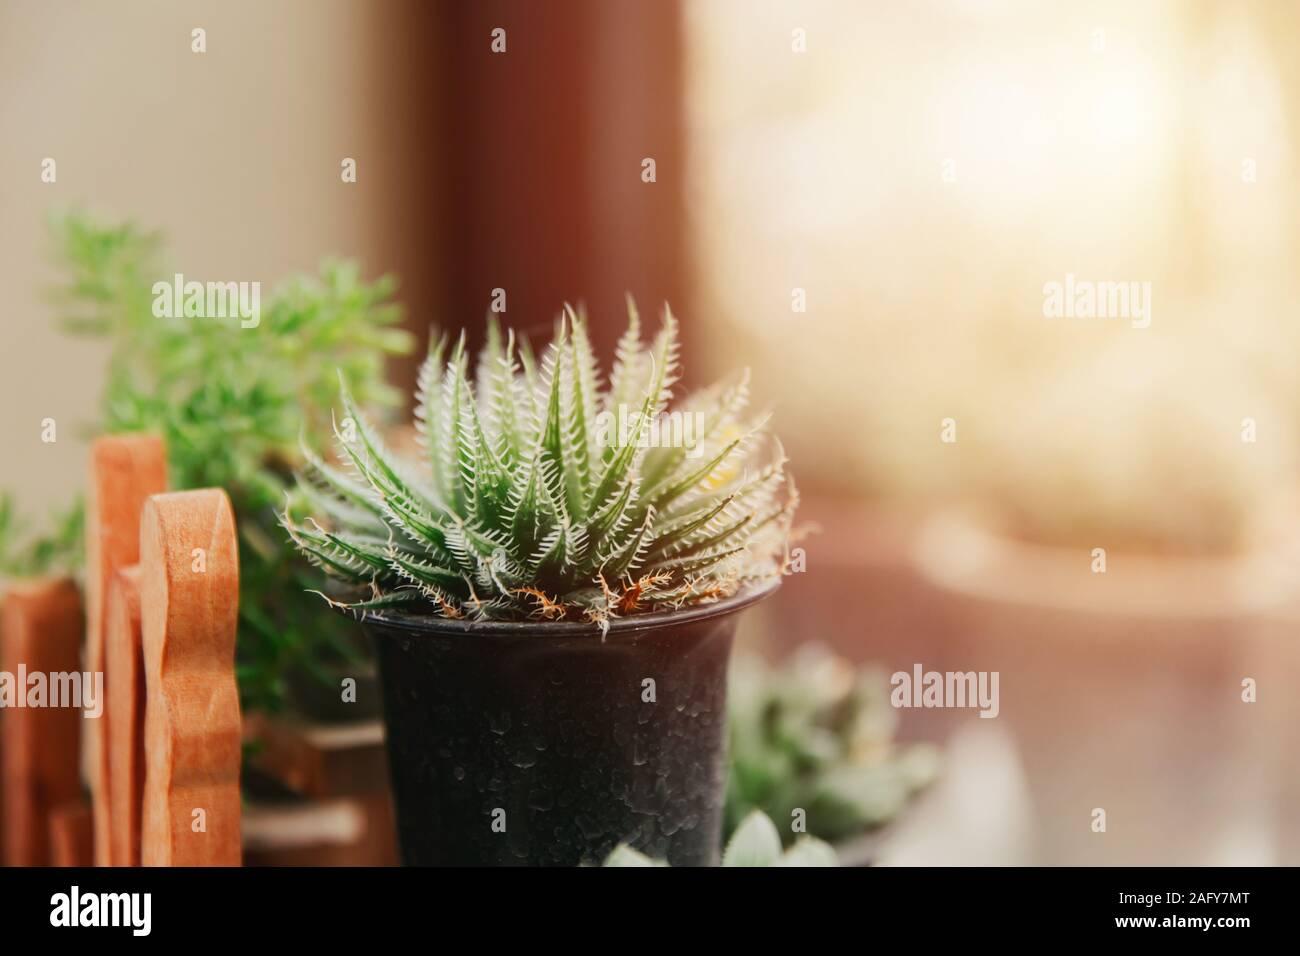 Mini saftige mit weichen Stachel im Kübelgarten bei Windows grün Home Decor indoor Anlage. Stockfoto